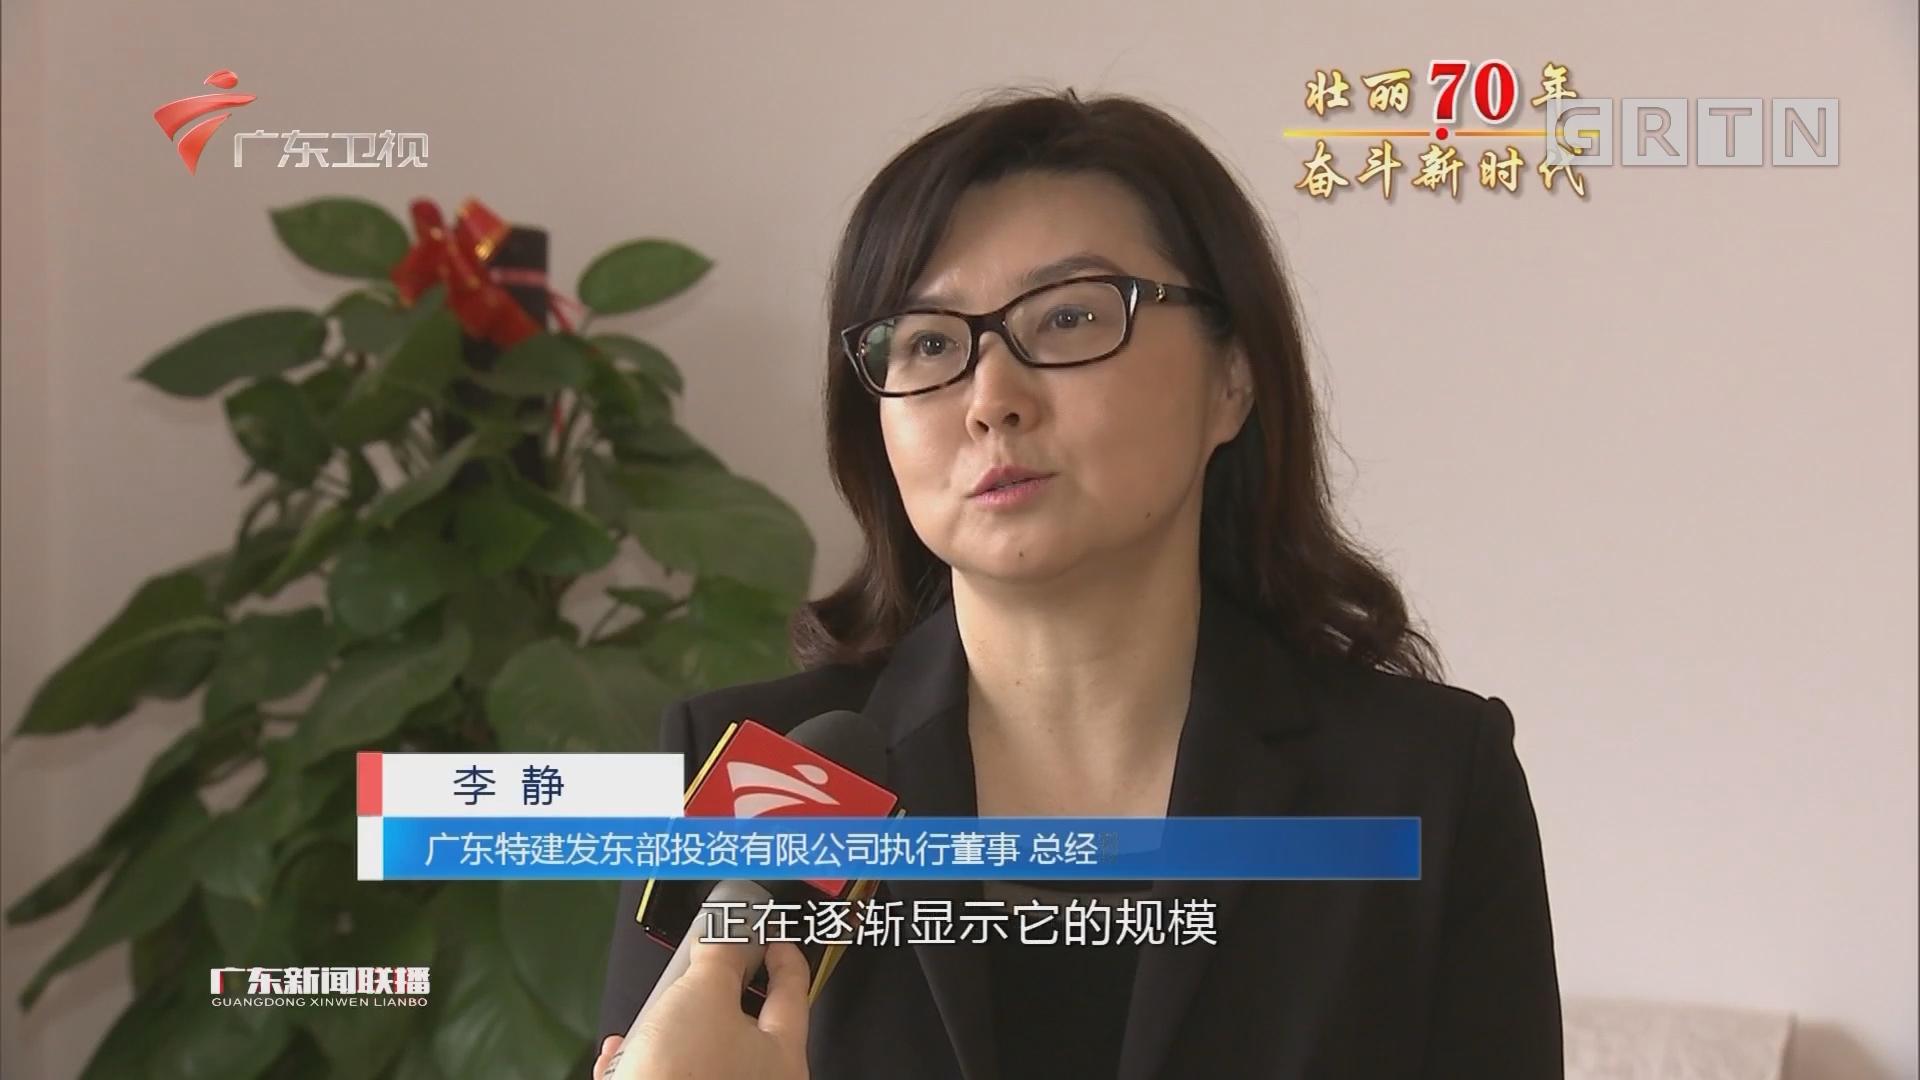 [HD][2019-09-11]广东新闻联播:广东省市厅级主要领导干部学习贯彻《关于支持深圳建设中国特色社会主义先行示范区的意见》专题研讨班开班